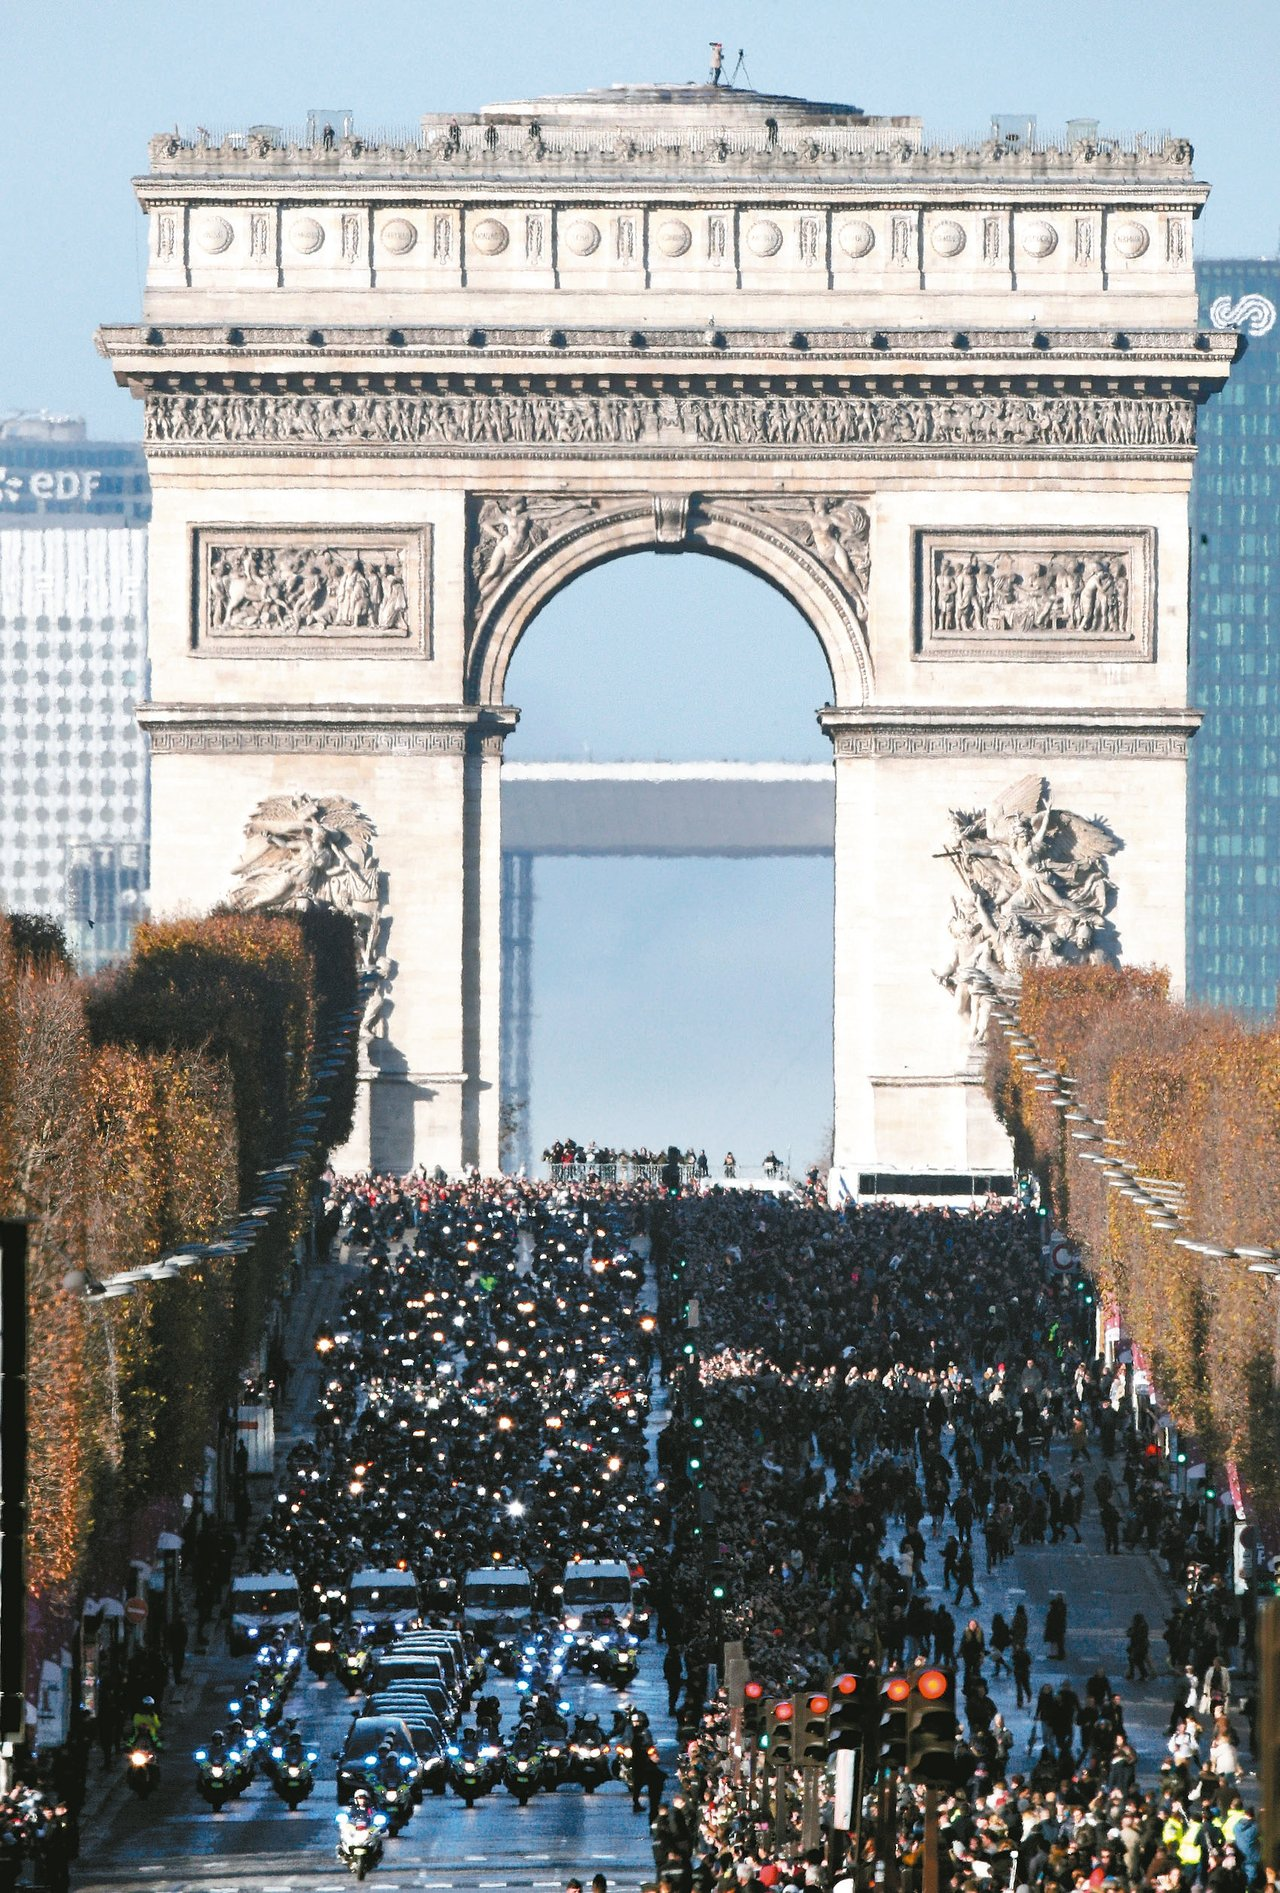 法國搖滾巨星強尼哈勒戴(見圖)棺木車隊經過巴黎凱旋門,大批民眾鼓掌高喊「強尼!」...